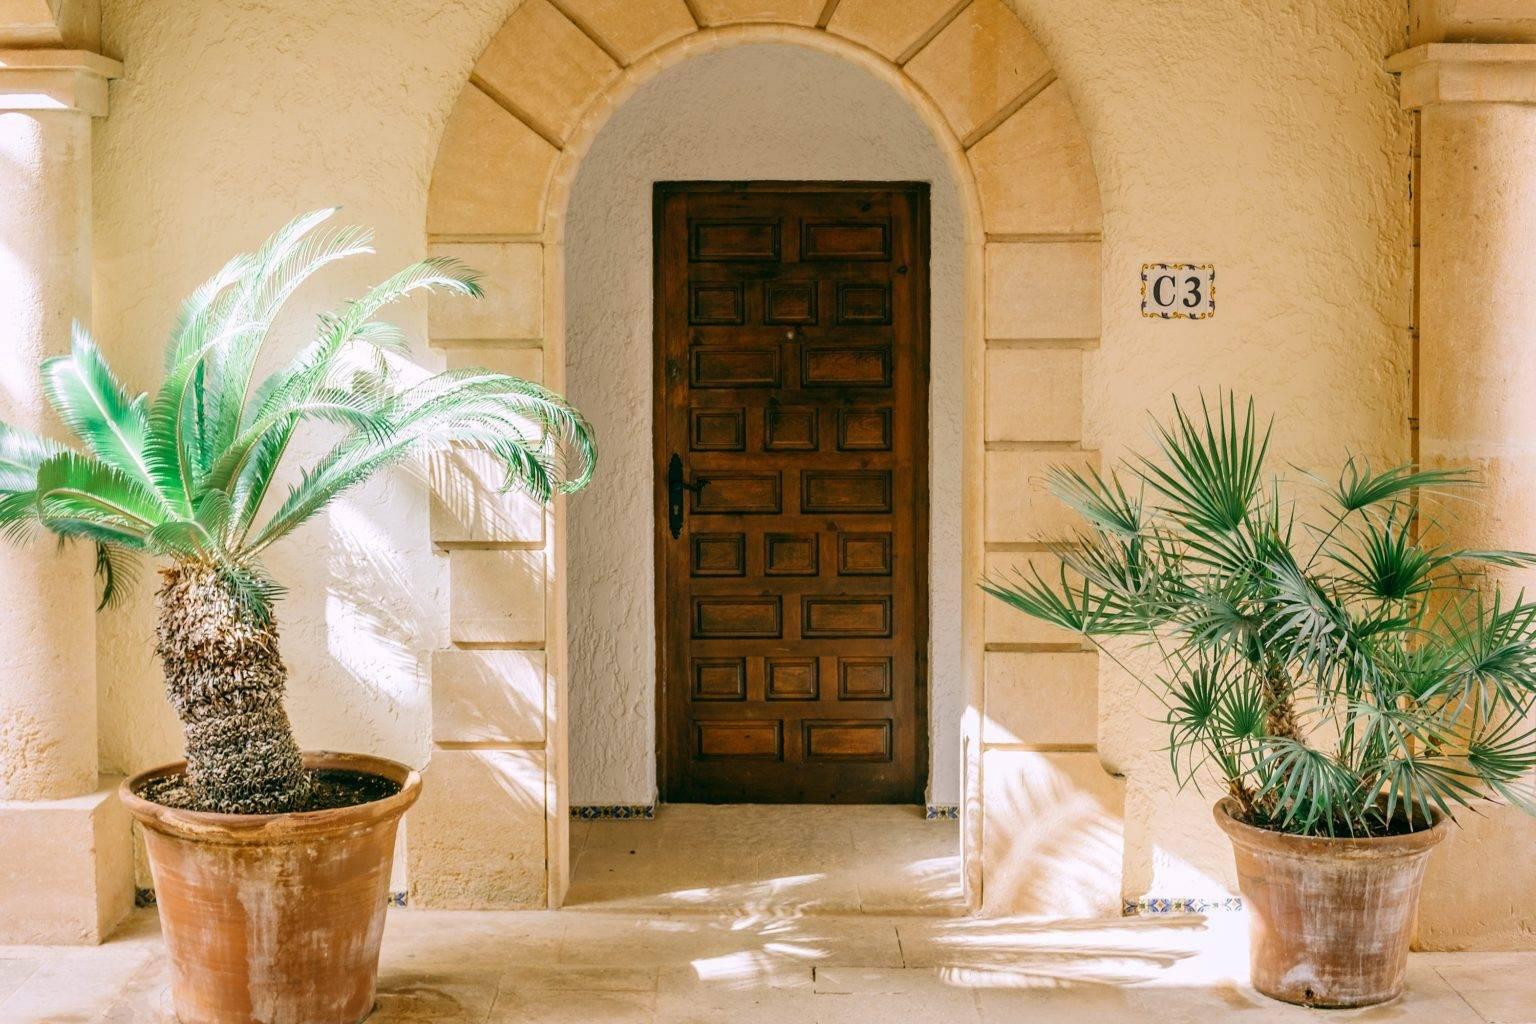 Những ý tưởng trang trí hiên nhà đẹp mơ màng lãng mạn cho những ngày hè - Ảnh 3.